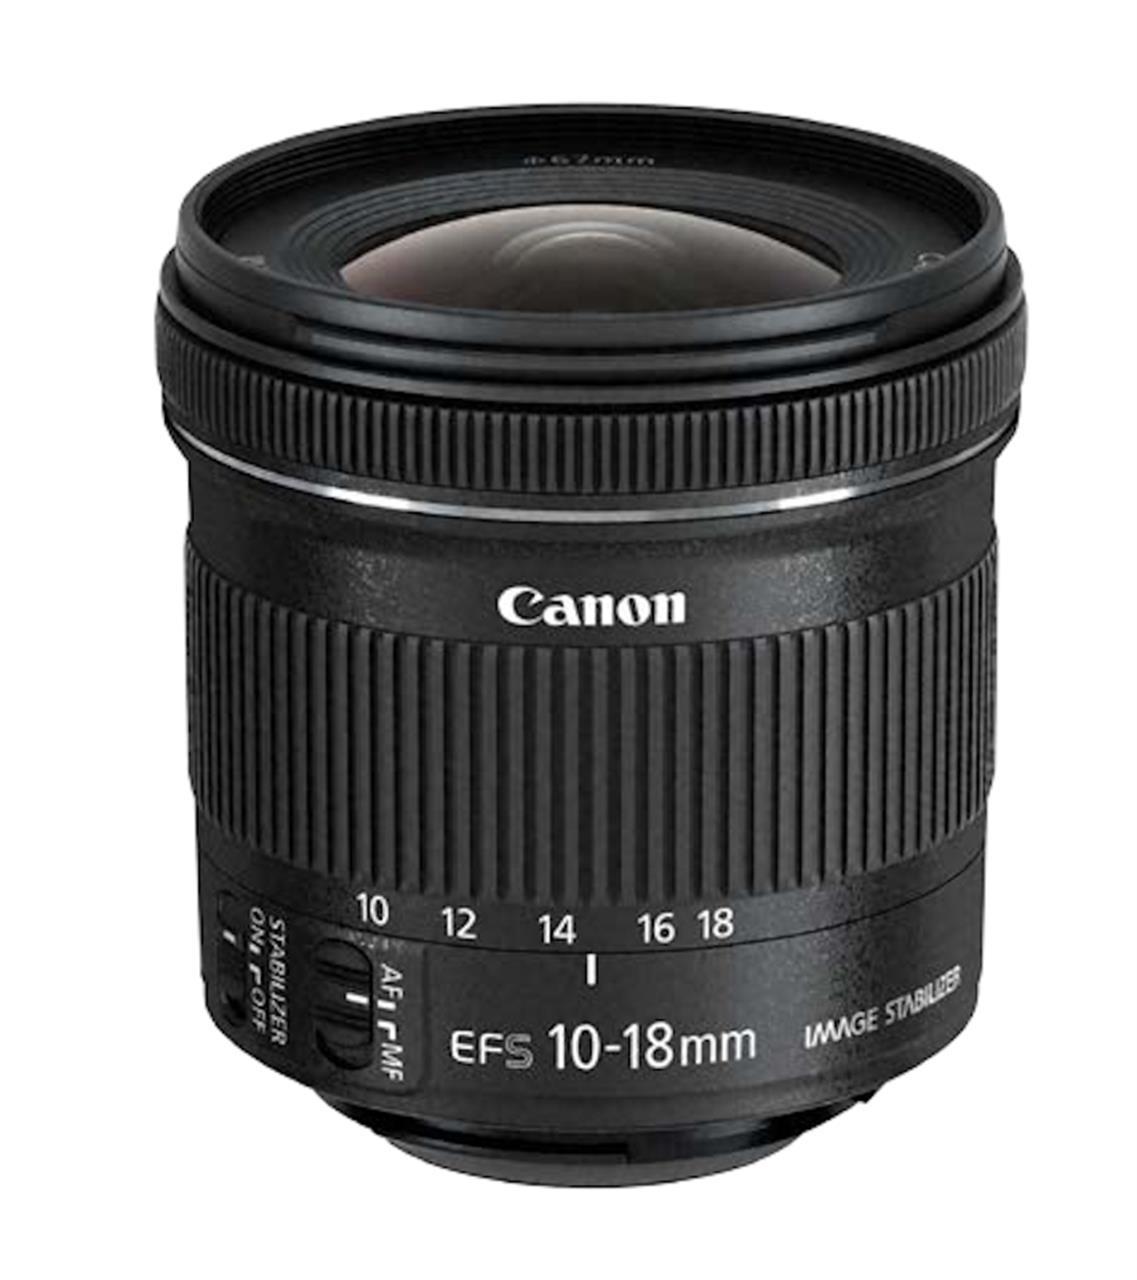 4549292010152__canon_ef-s_10-18mm_is_stm_hofma.jpg